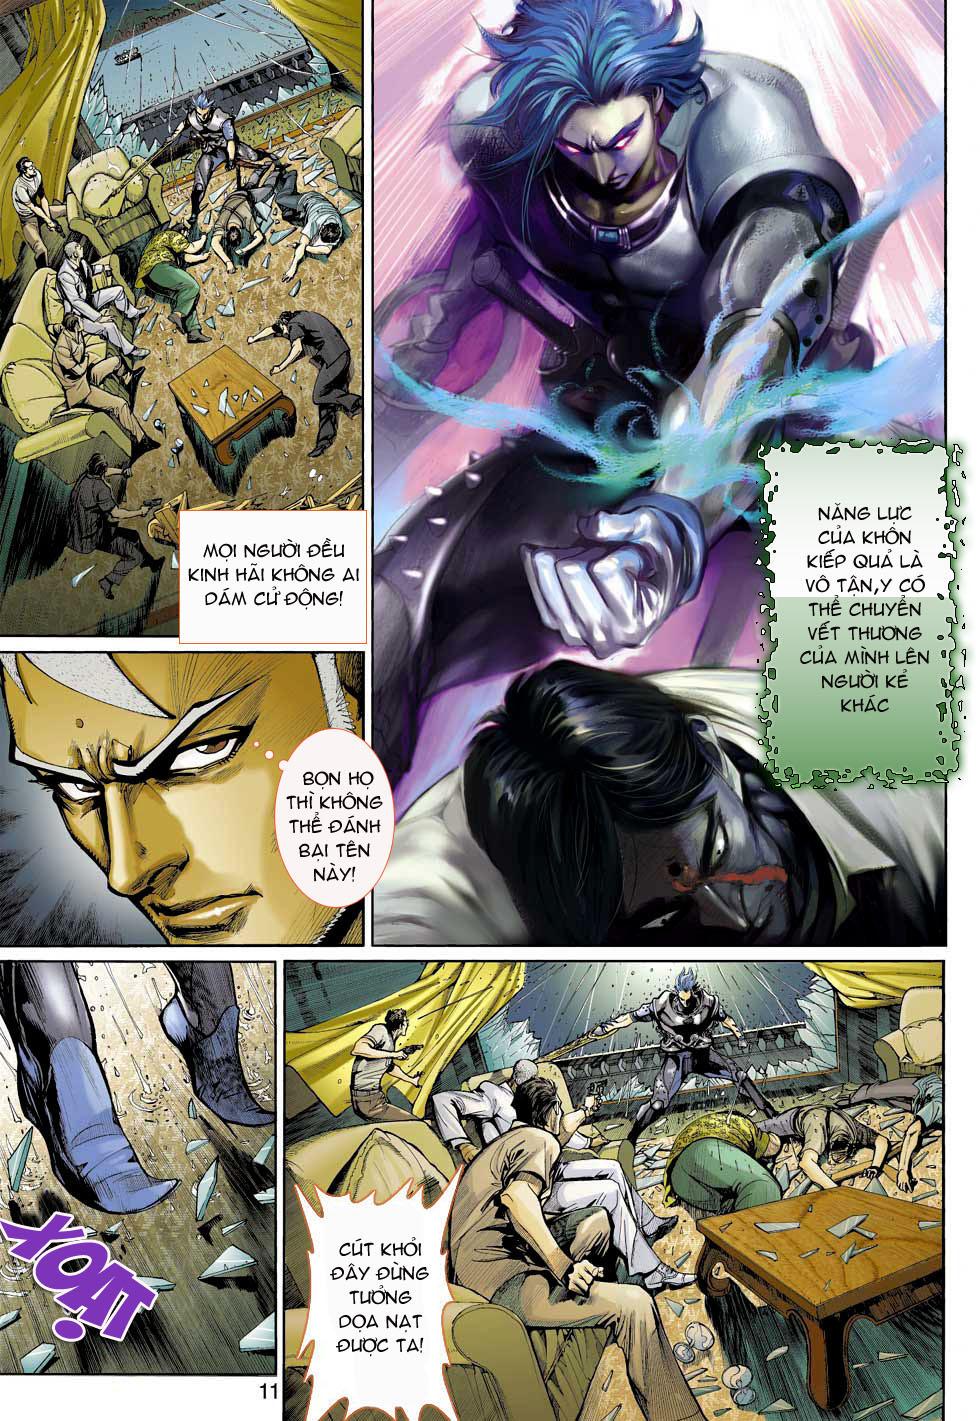 Thần Binh 4 chap 3 - Trang 11